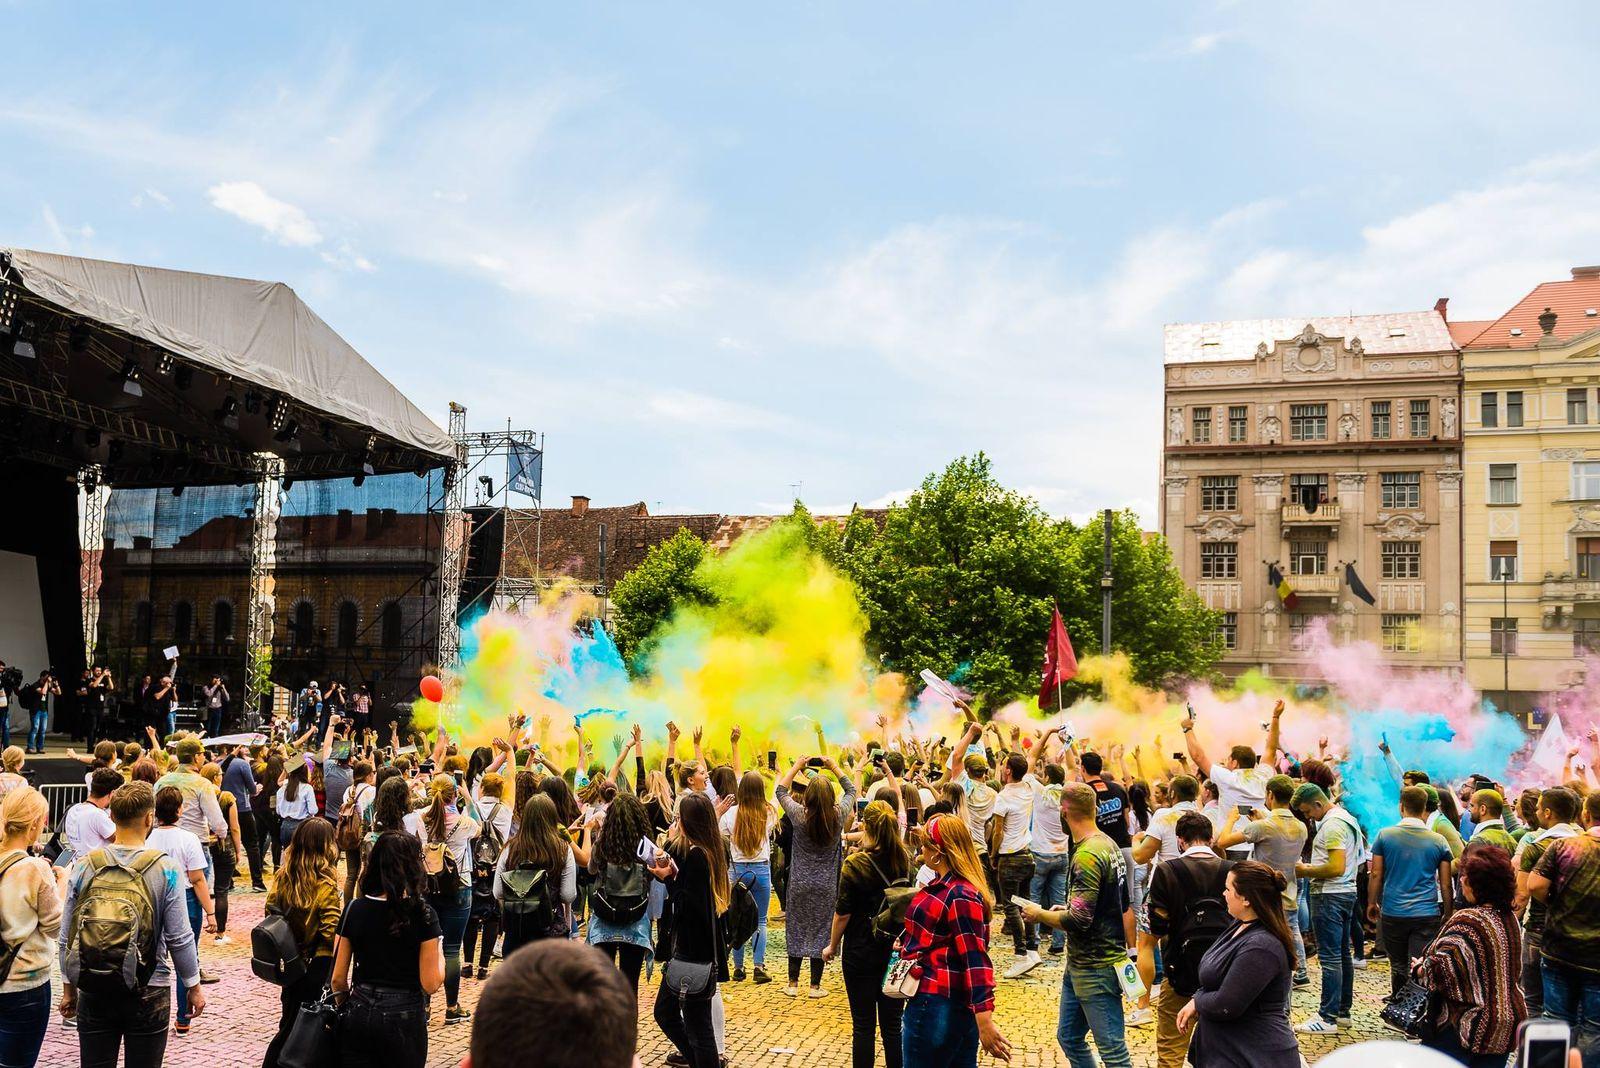 Aproximativ 2.000 de studenți au luat parte la o bătaia cu pudre colorate în Piața Unirii.